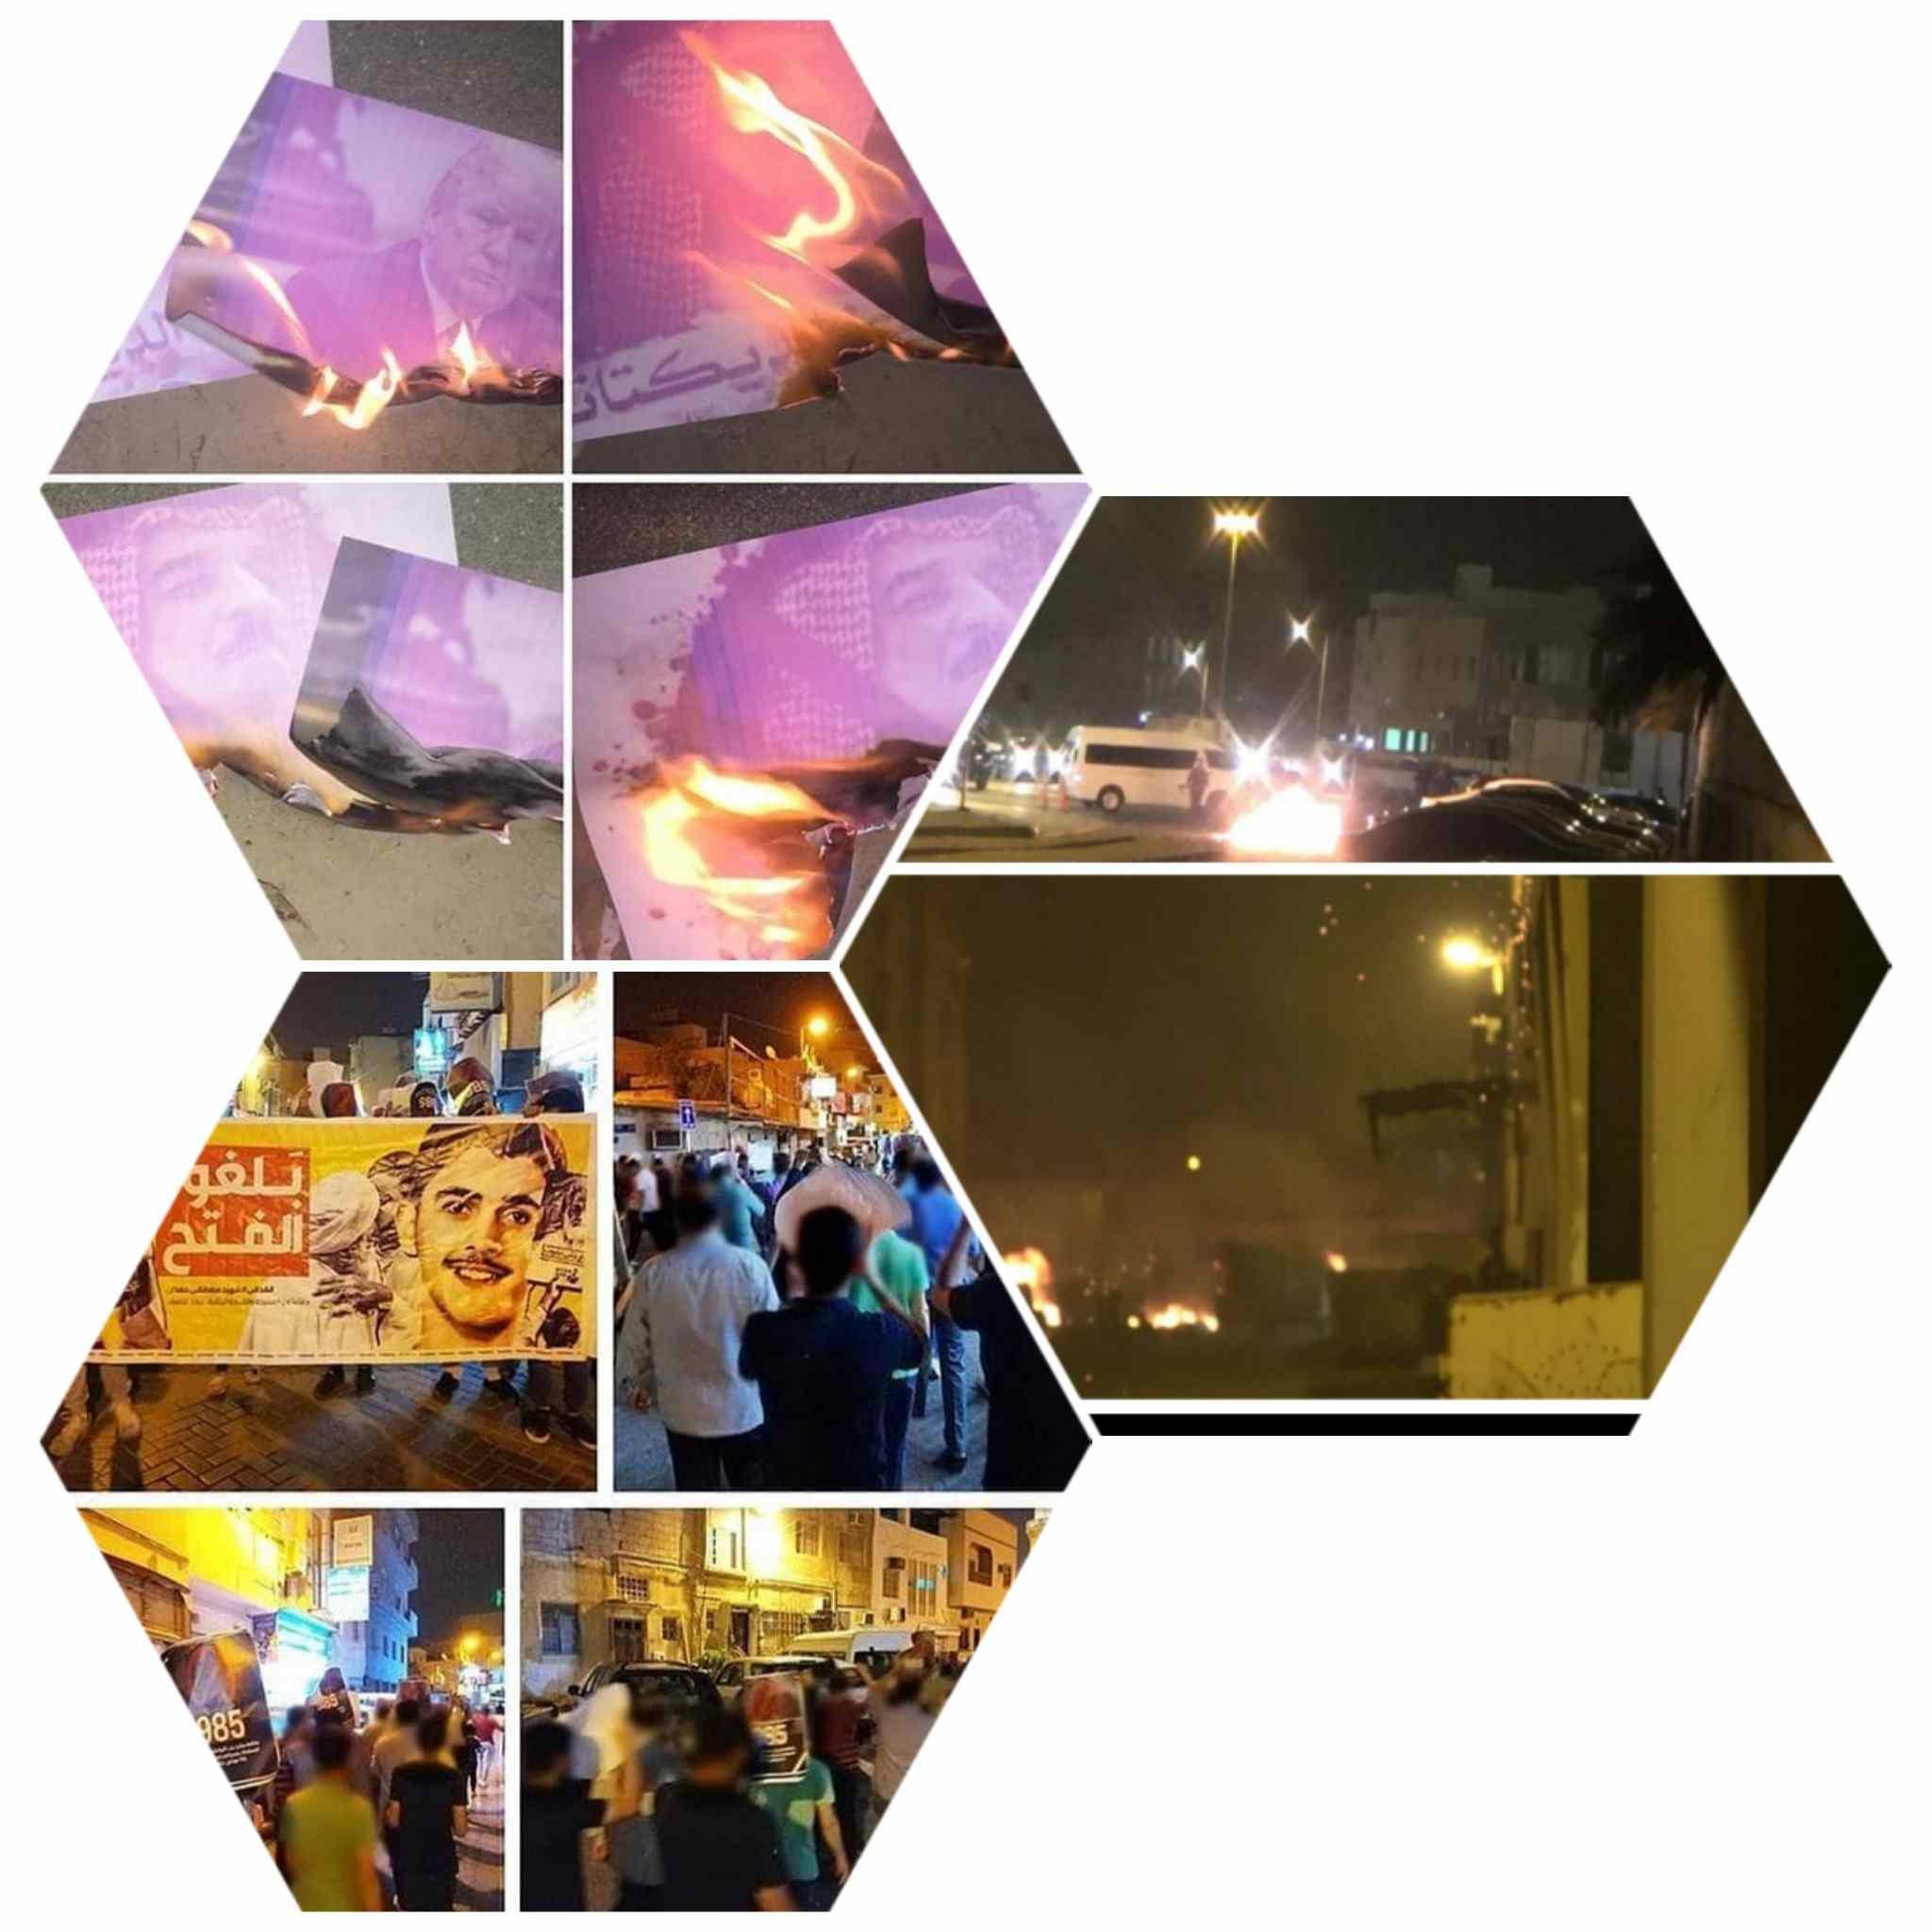 حراك غاضب يعمّ البلدات عشيّة «اليوم الوطني لطرد القاعدة الأمريكيّة من البحرين»